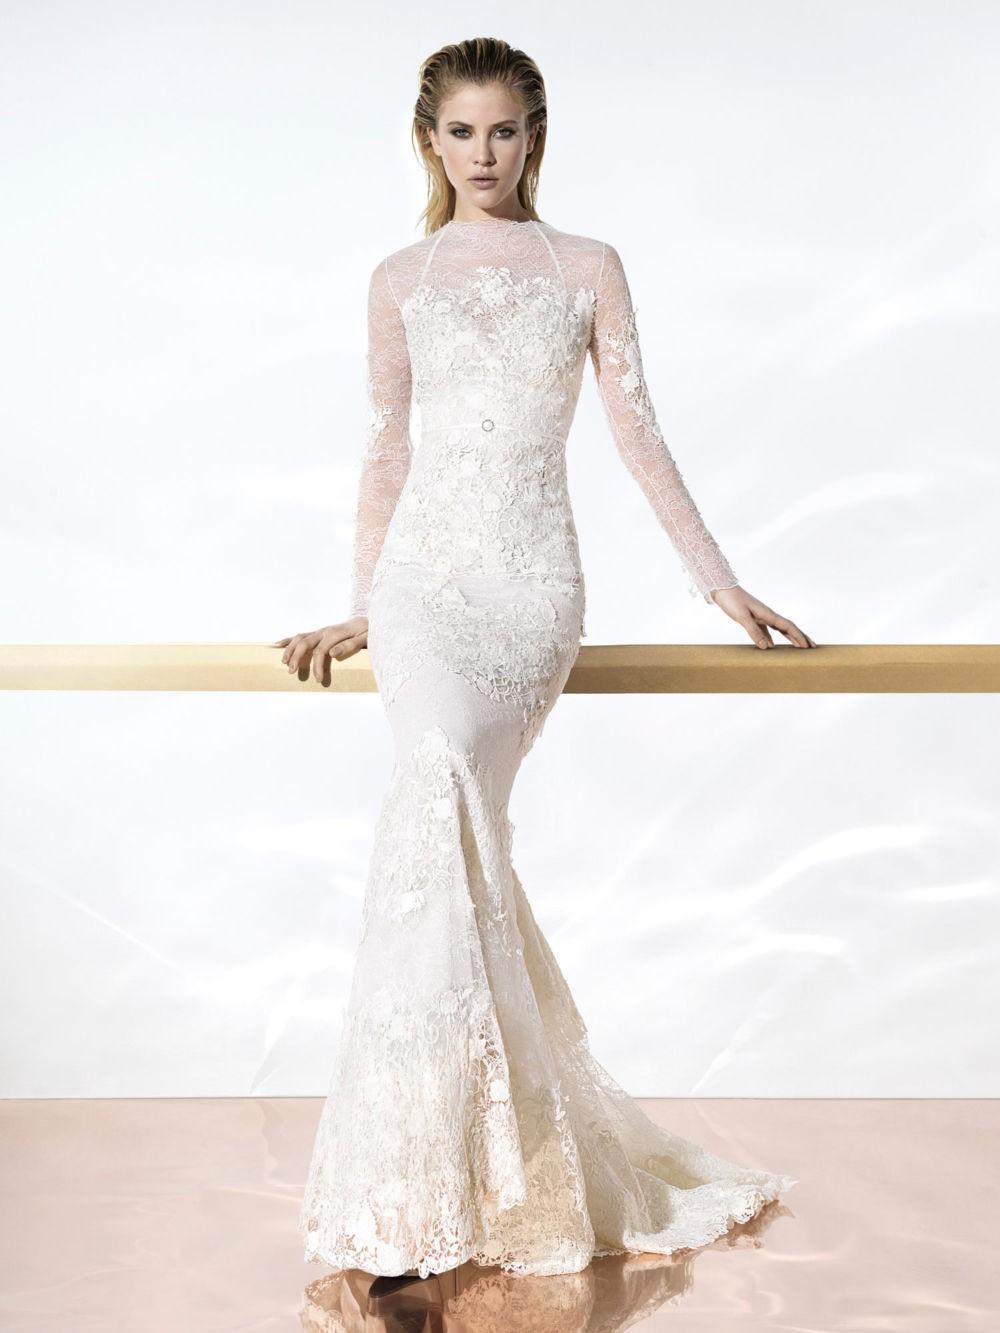 модное вечернее платье белое длинное рукав прозрачный 2018 года тенденции фото новинка